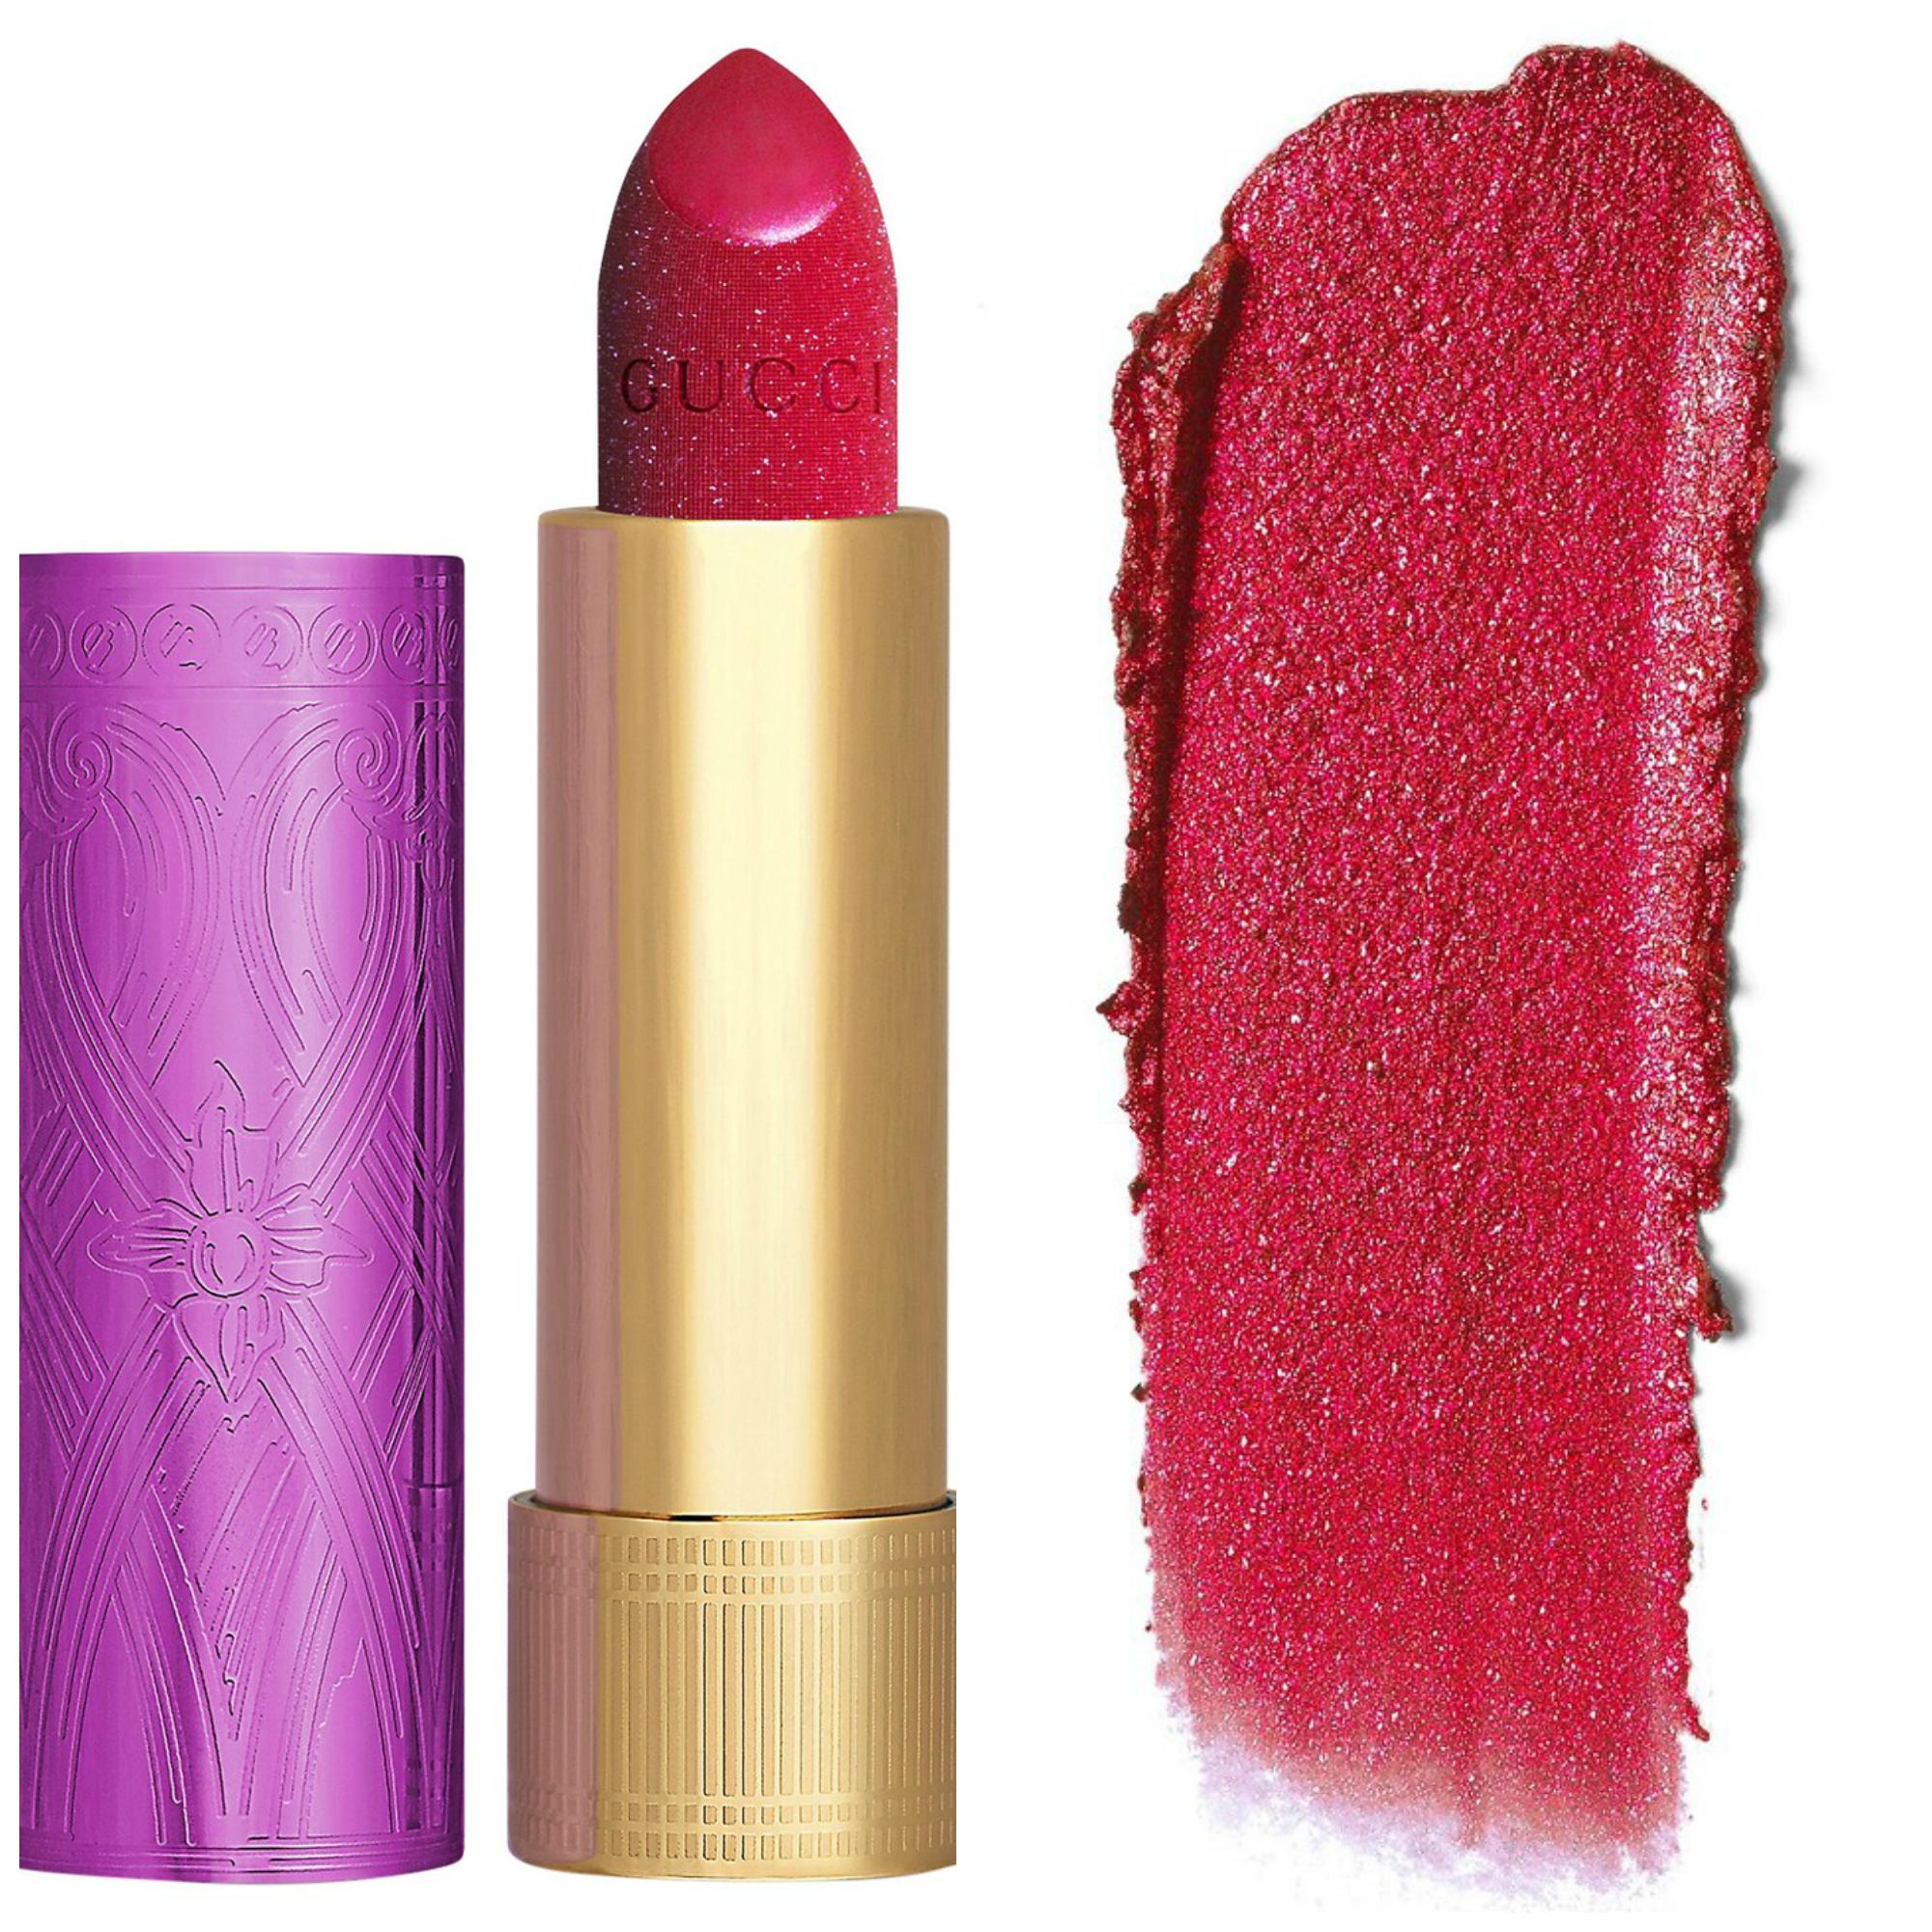 Gucci Rouge à Lèvres Lunaison Glitter Lipstick Collection